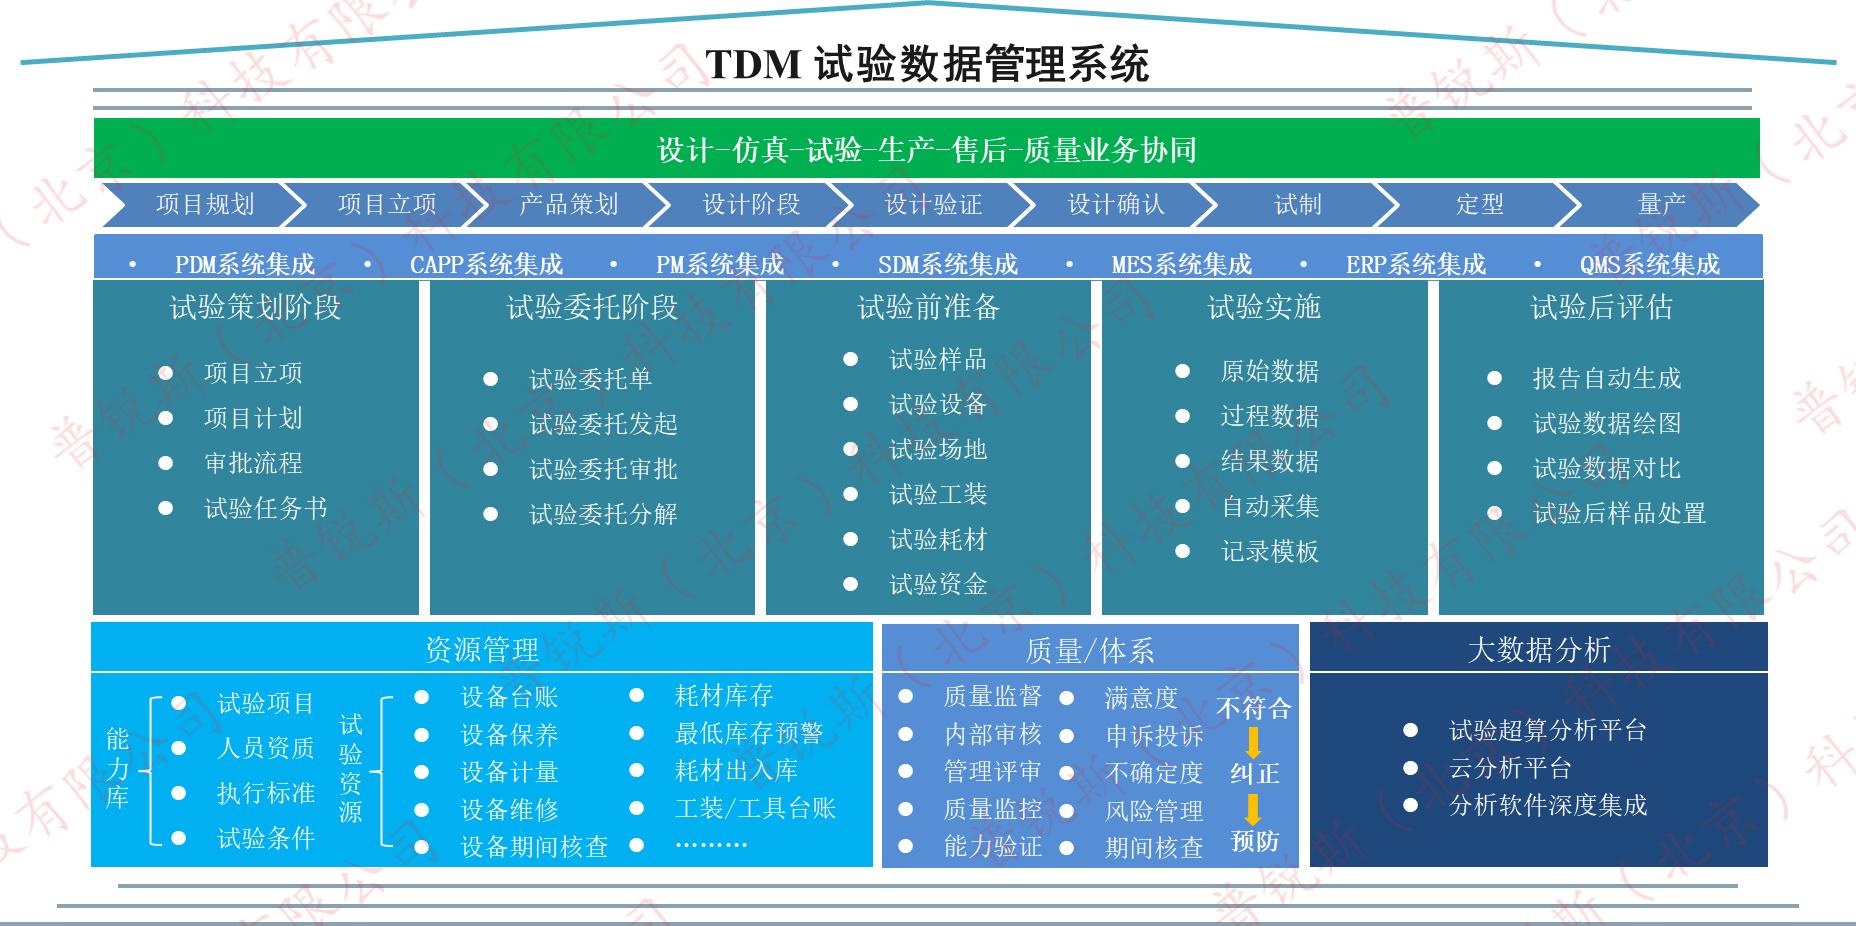 tdm产品,试验数据管理系统产品